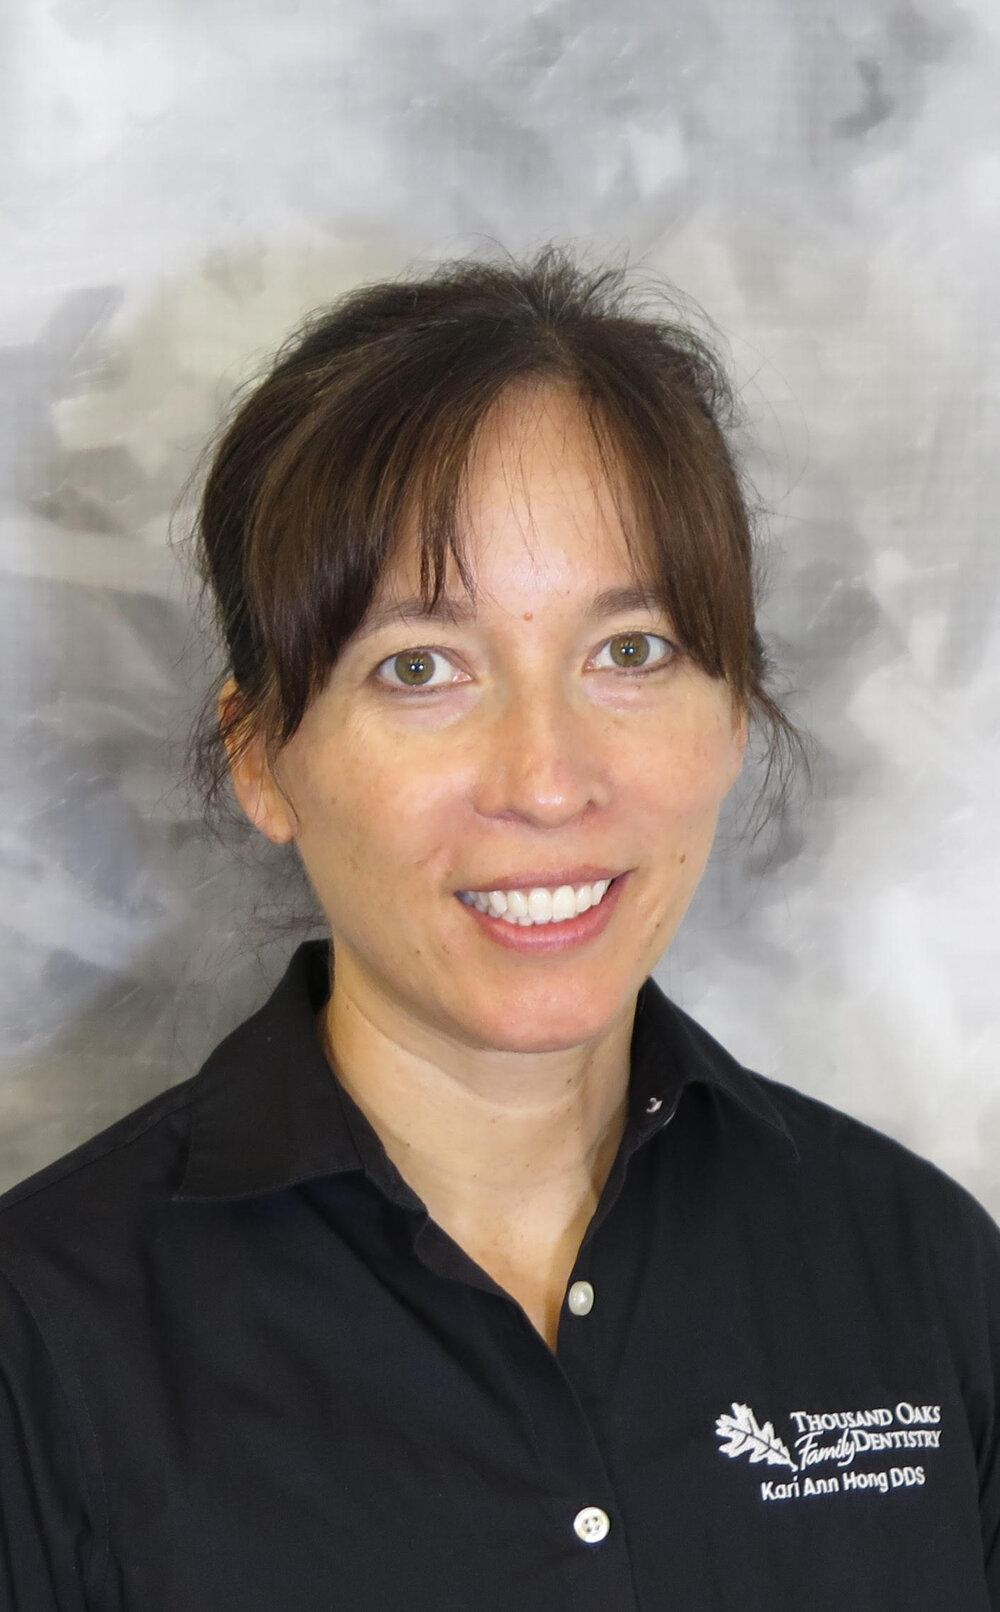 Dr. Kari Ann Hong